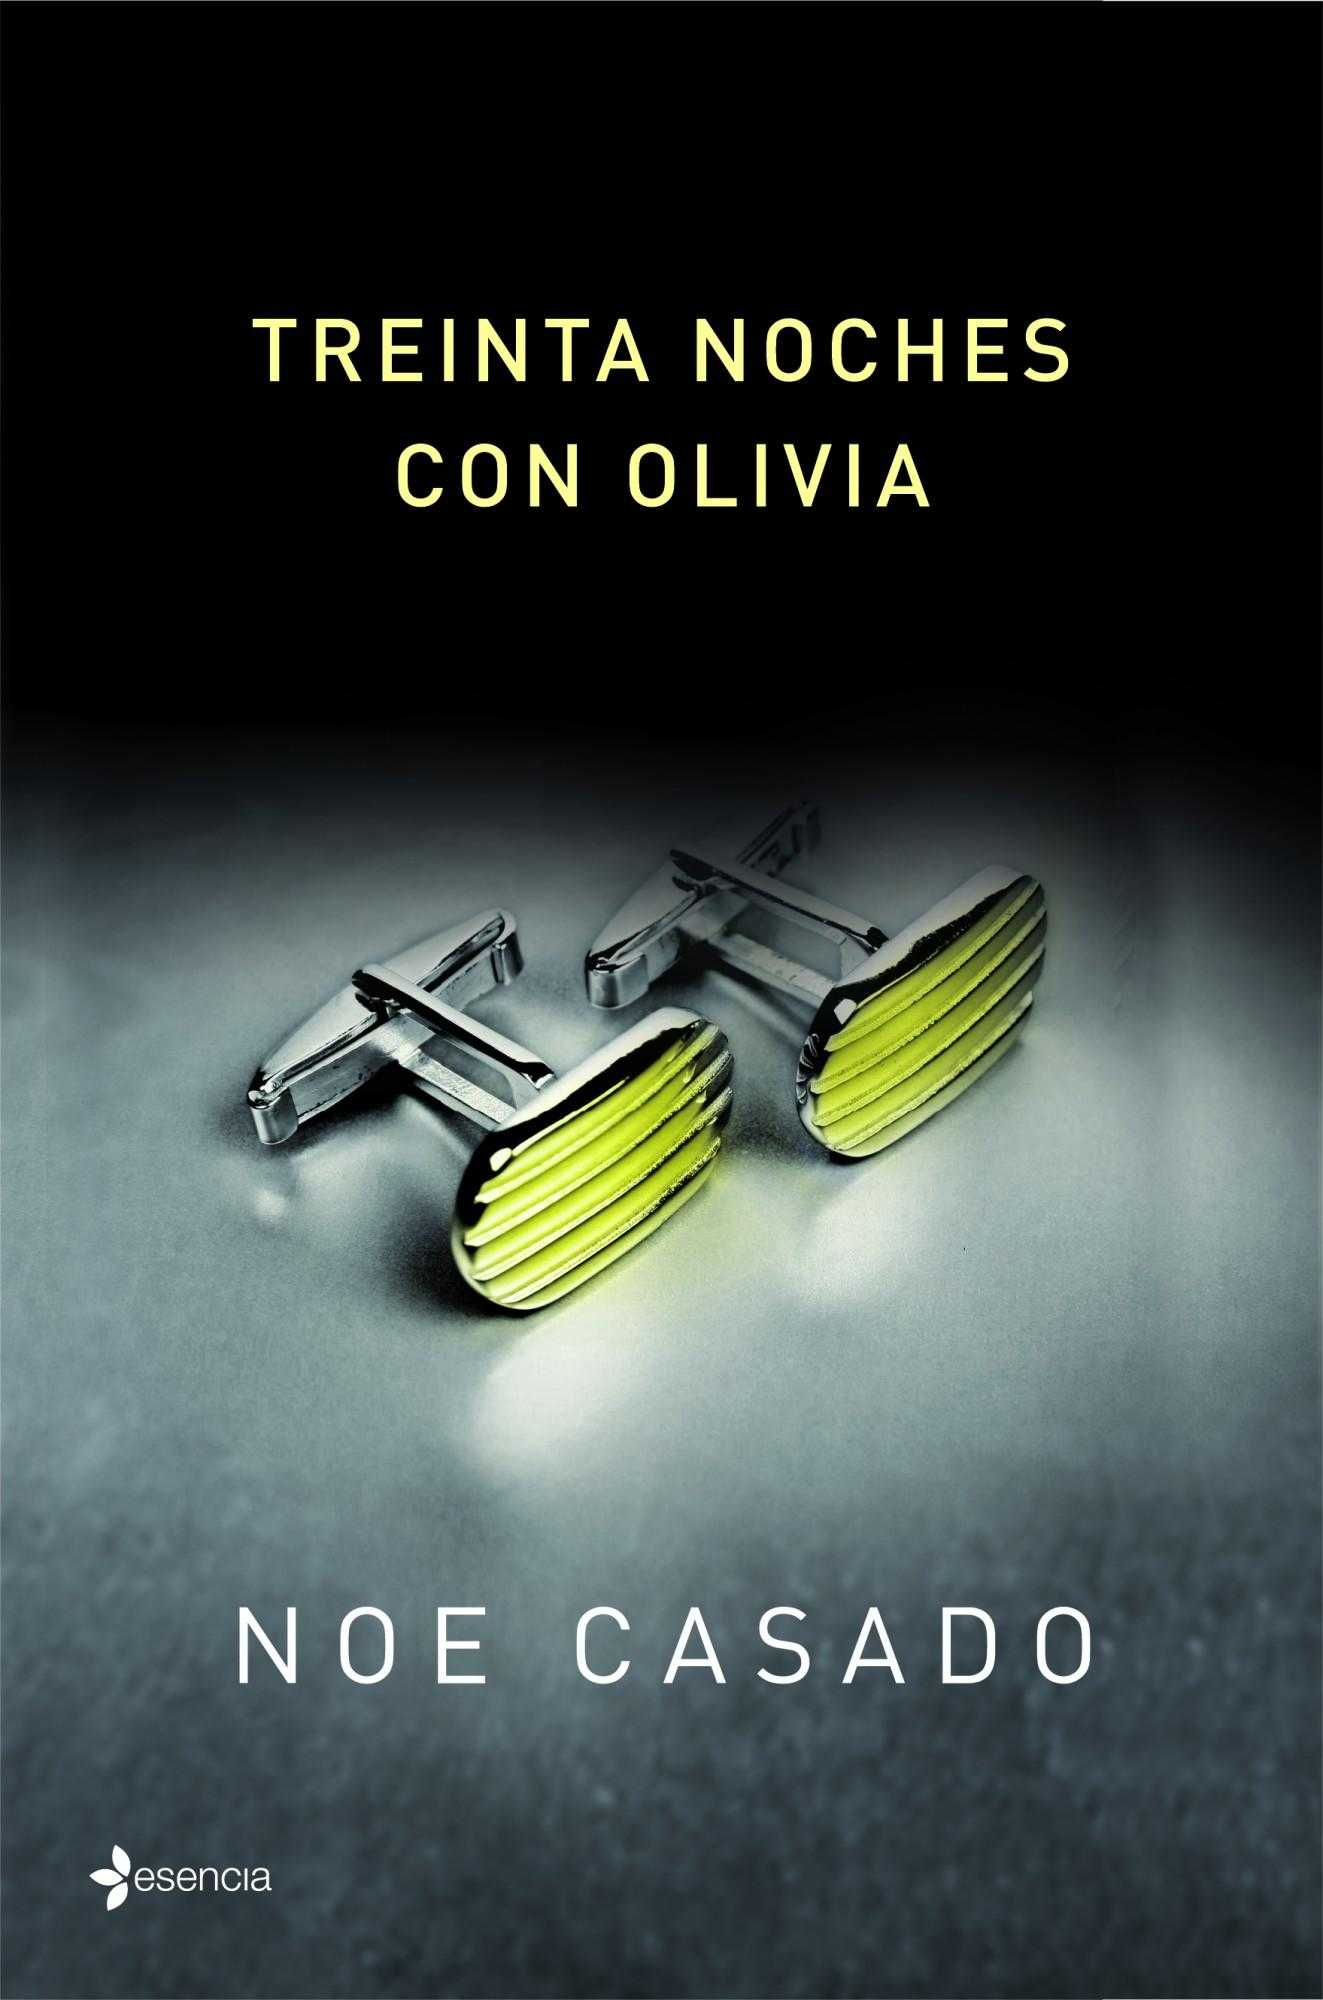 Libros parecidos a 50 Sombras de Grey TREINTA NOCHES CON OLIVIA